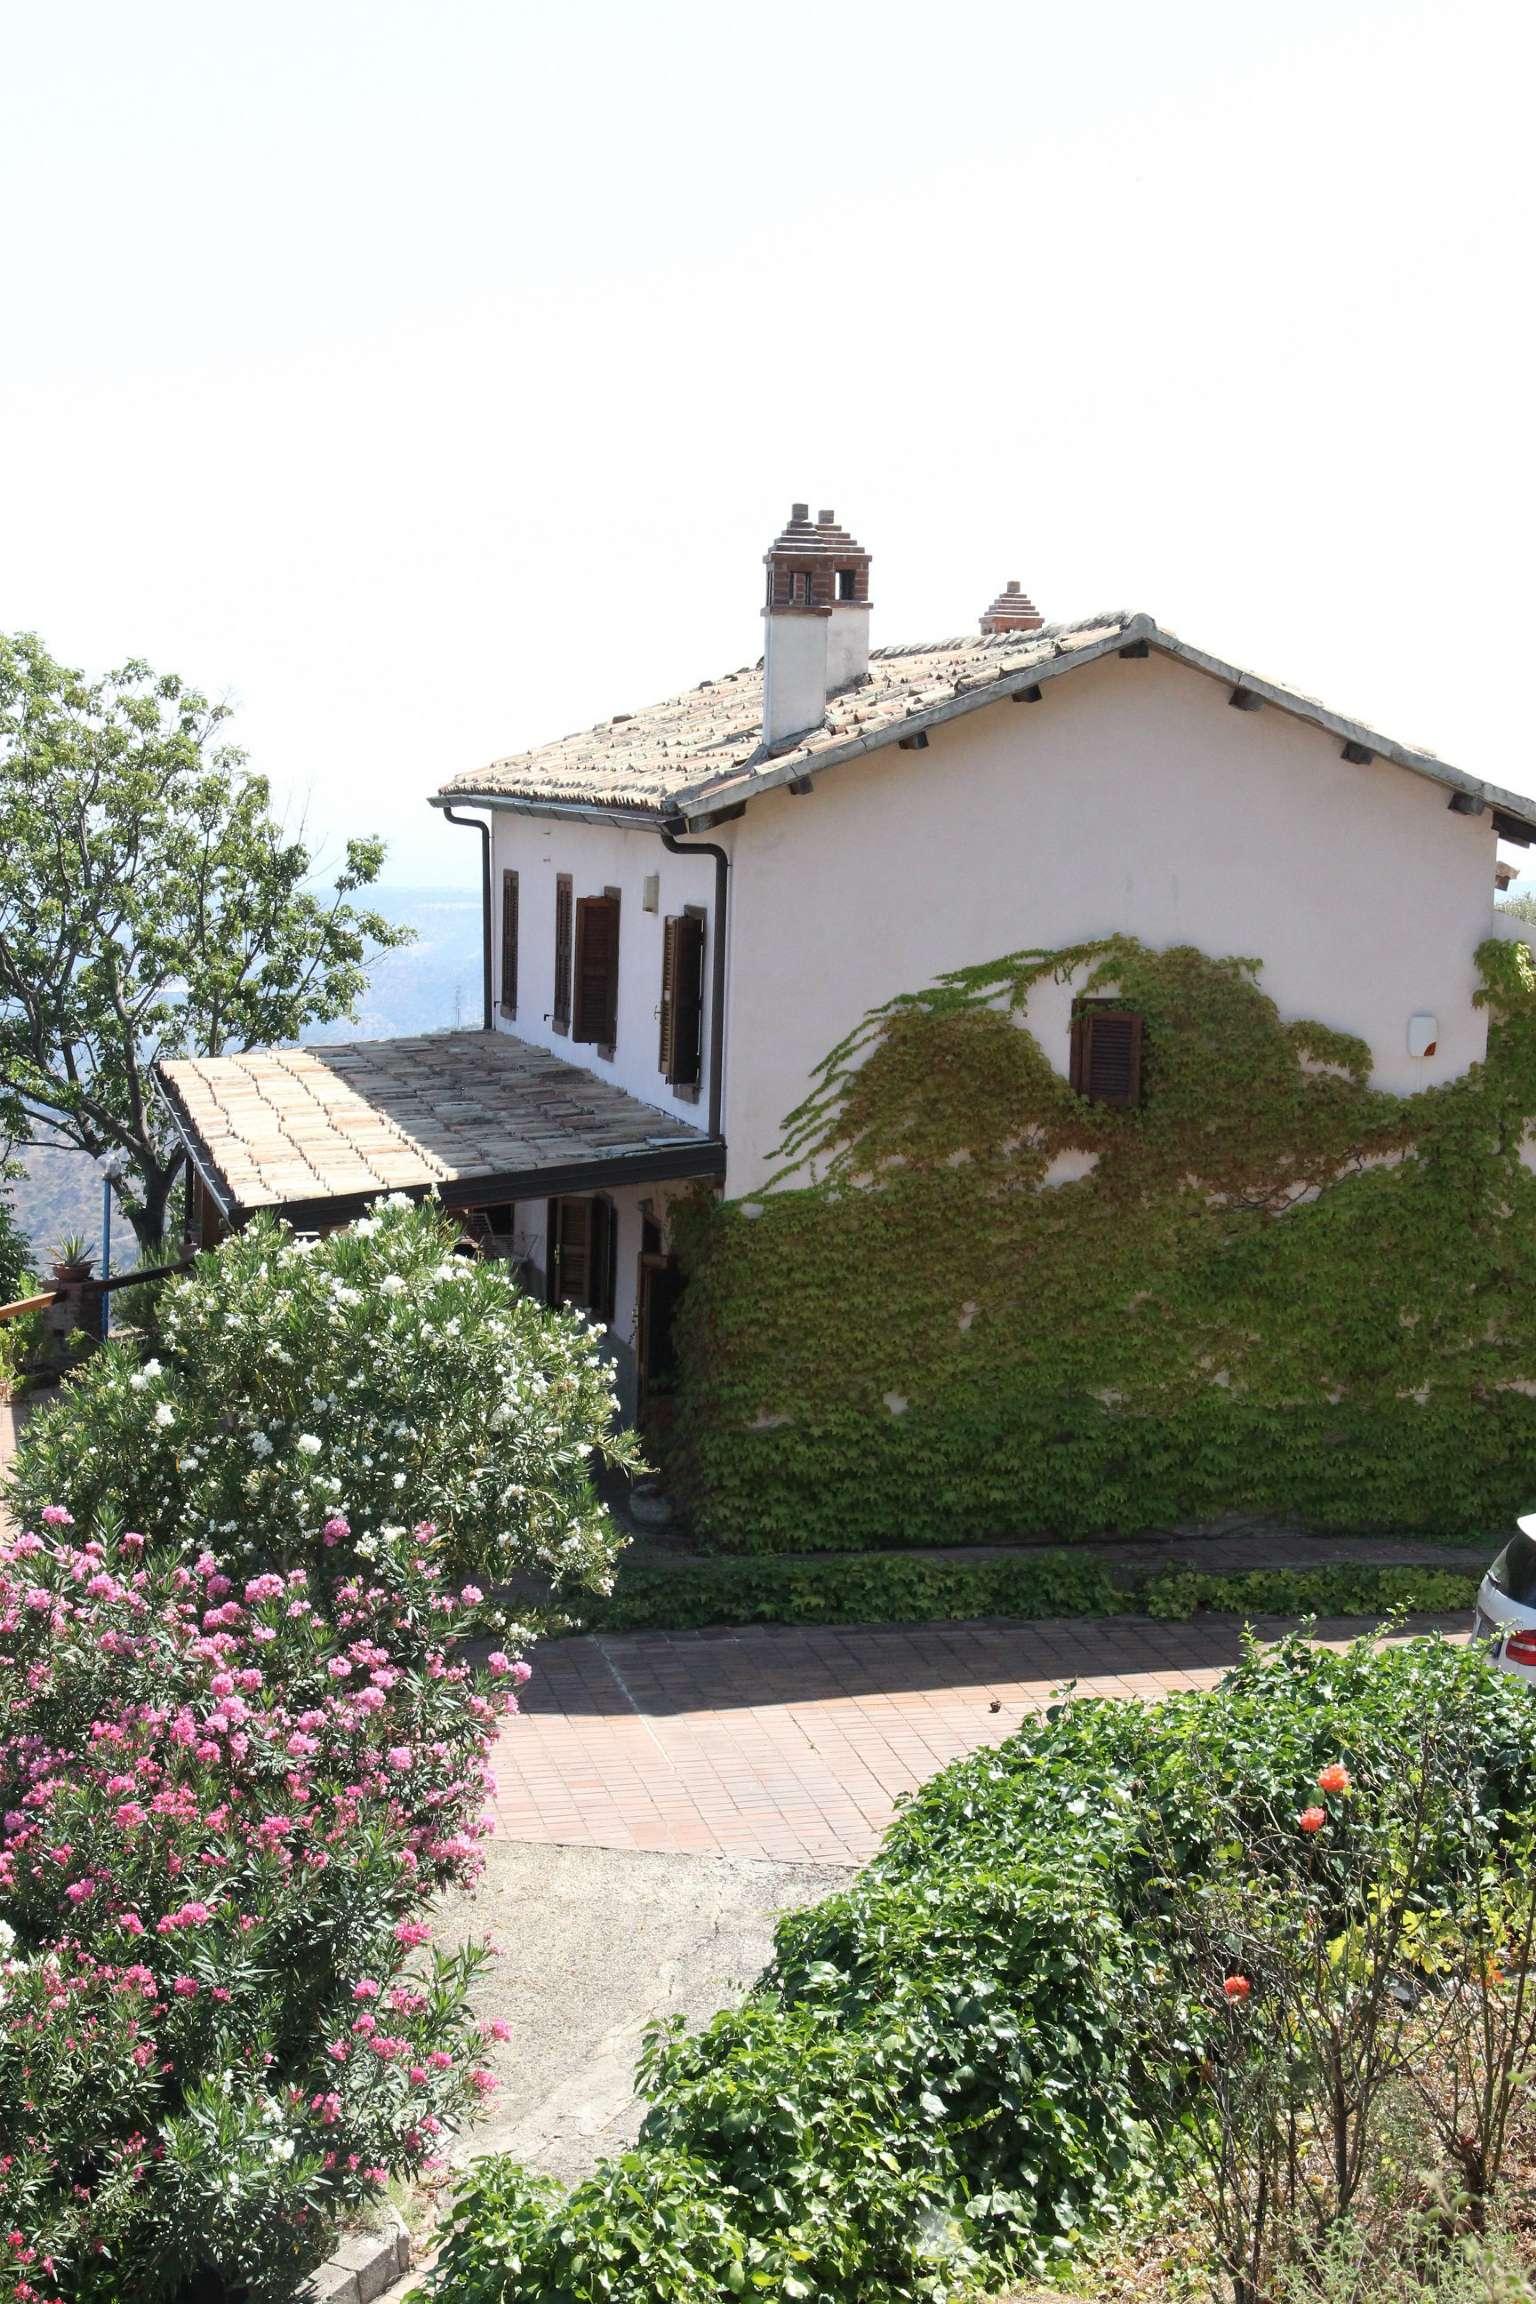 Villa in vendita a Rossano, 4 locali, prezzo € 350.000 | CambioCasa.it